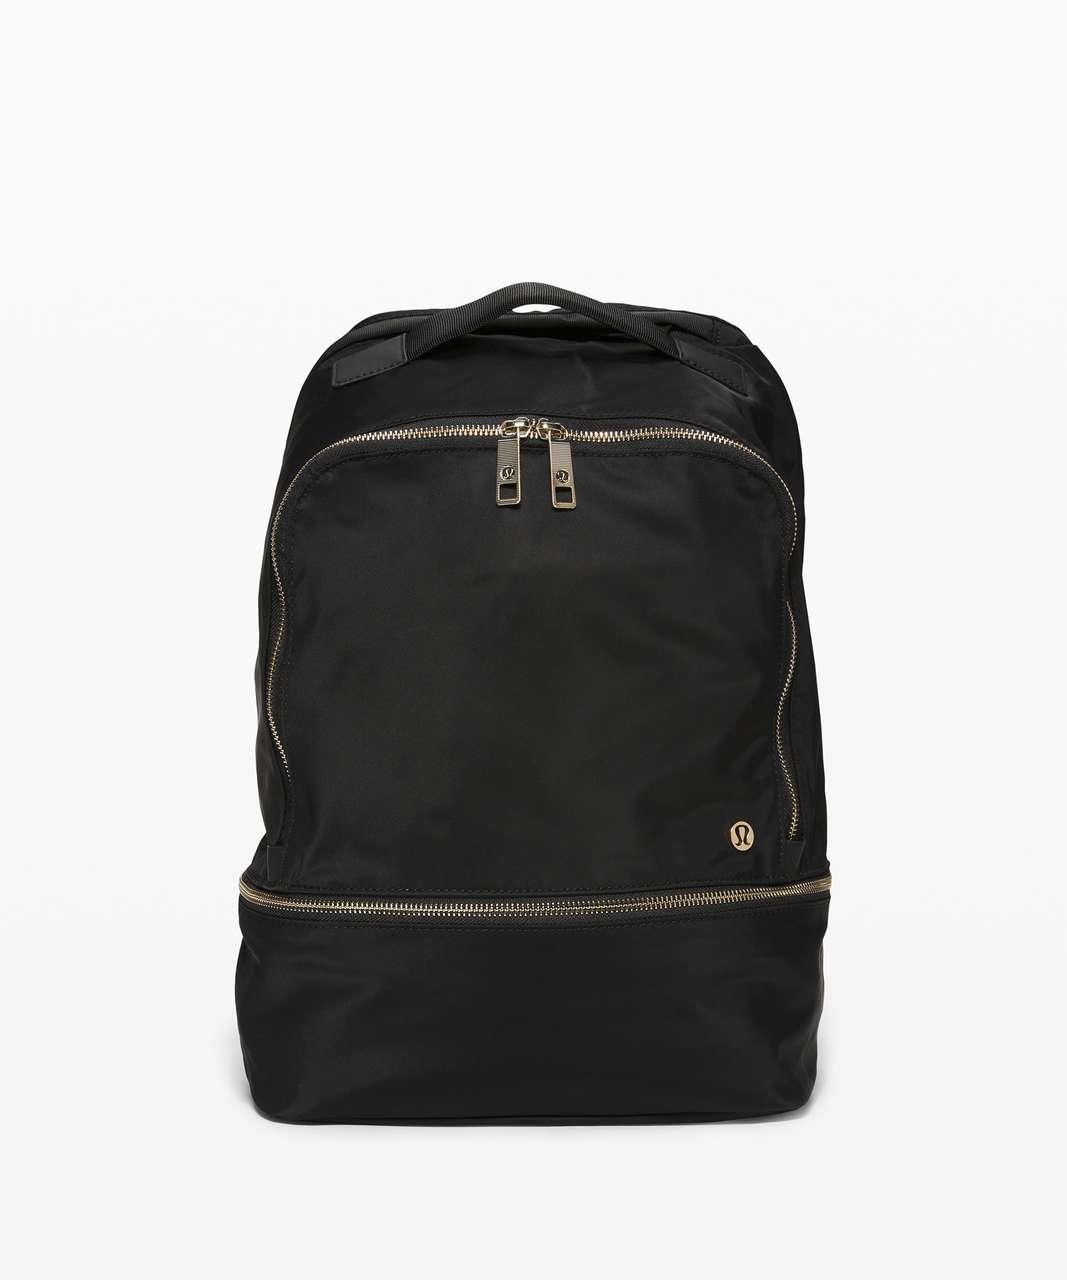 Lululemon City Adventurer Backpack *17L - Black / Gold